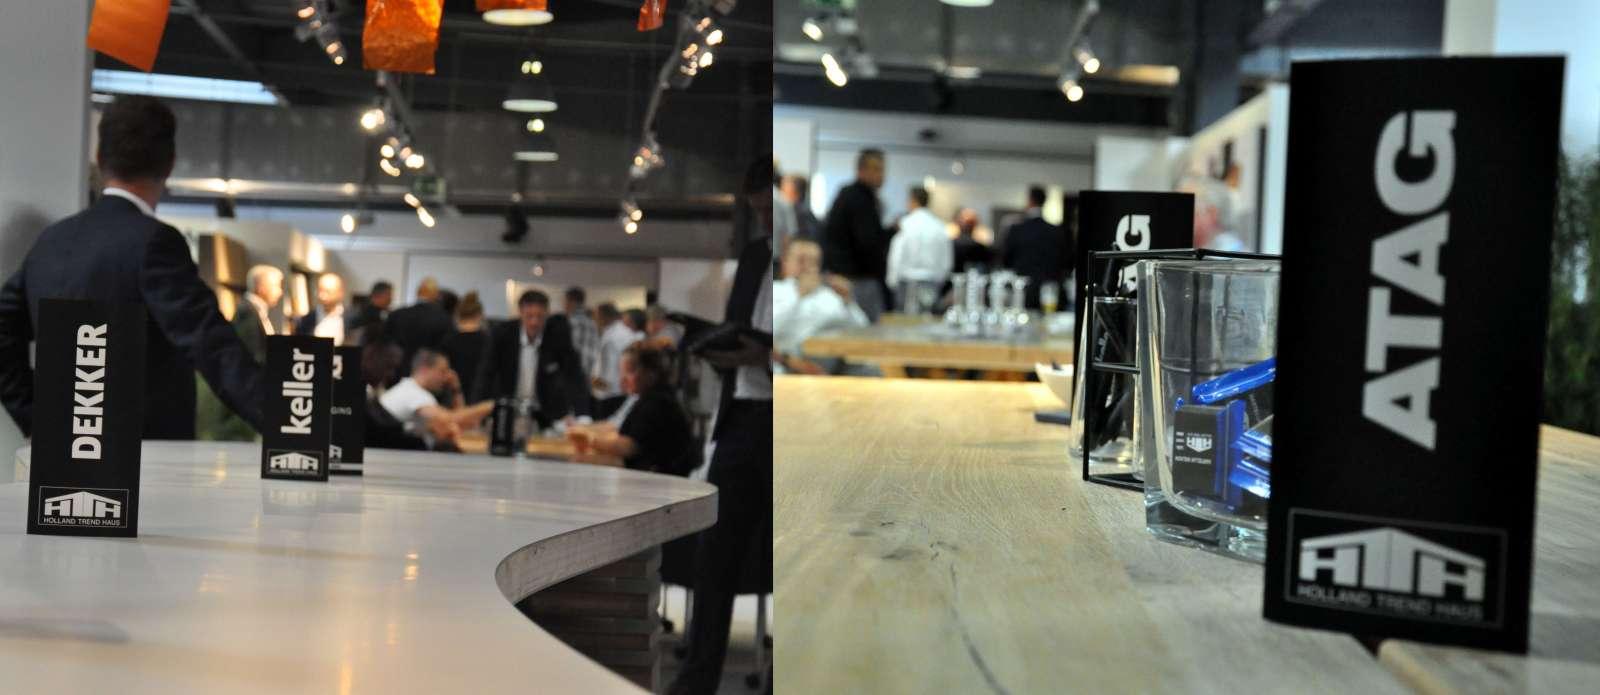 Erfolgreiches Gastspiel von Holland Trend Haus im servicepoint A30